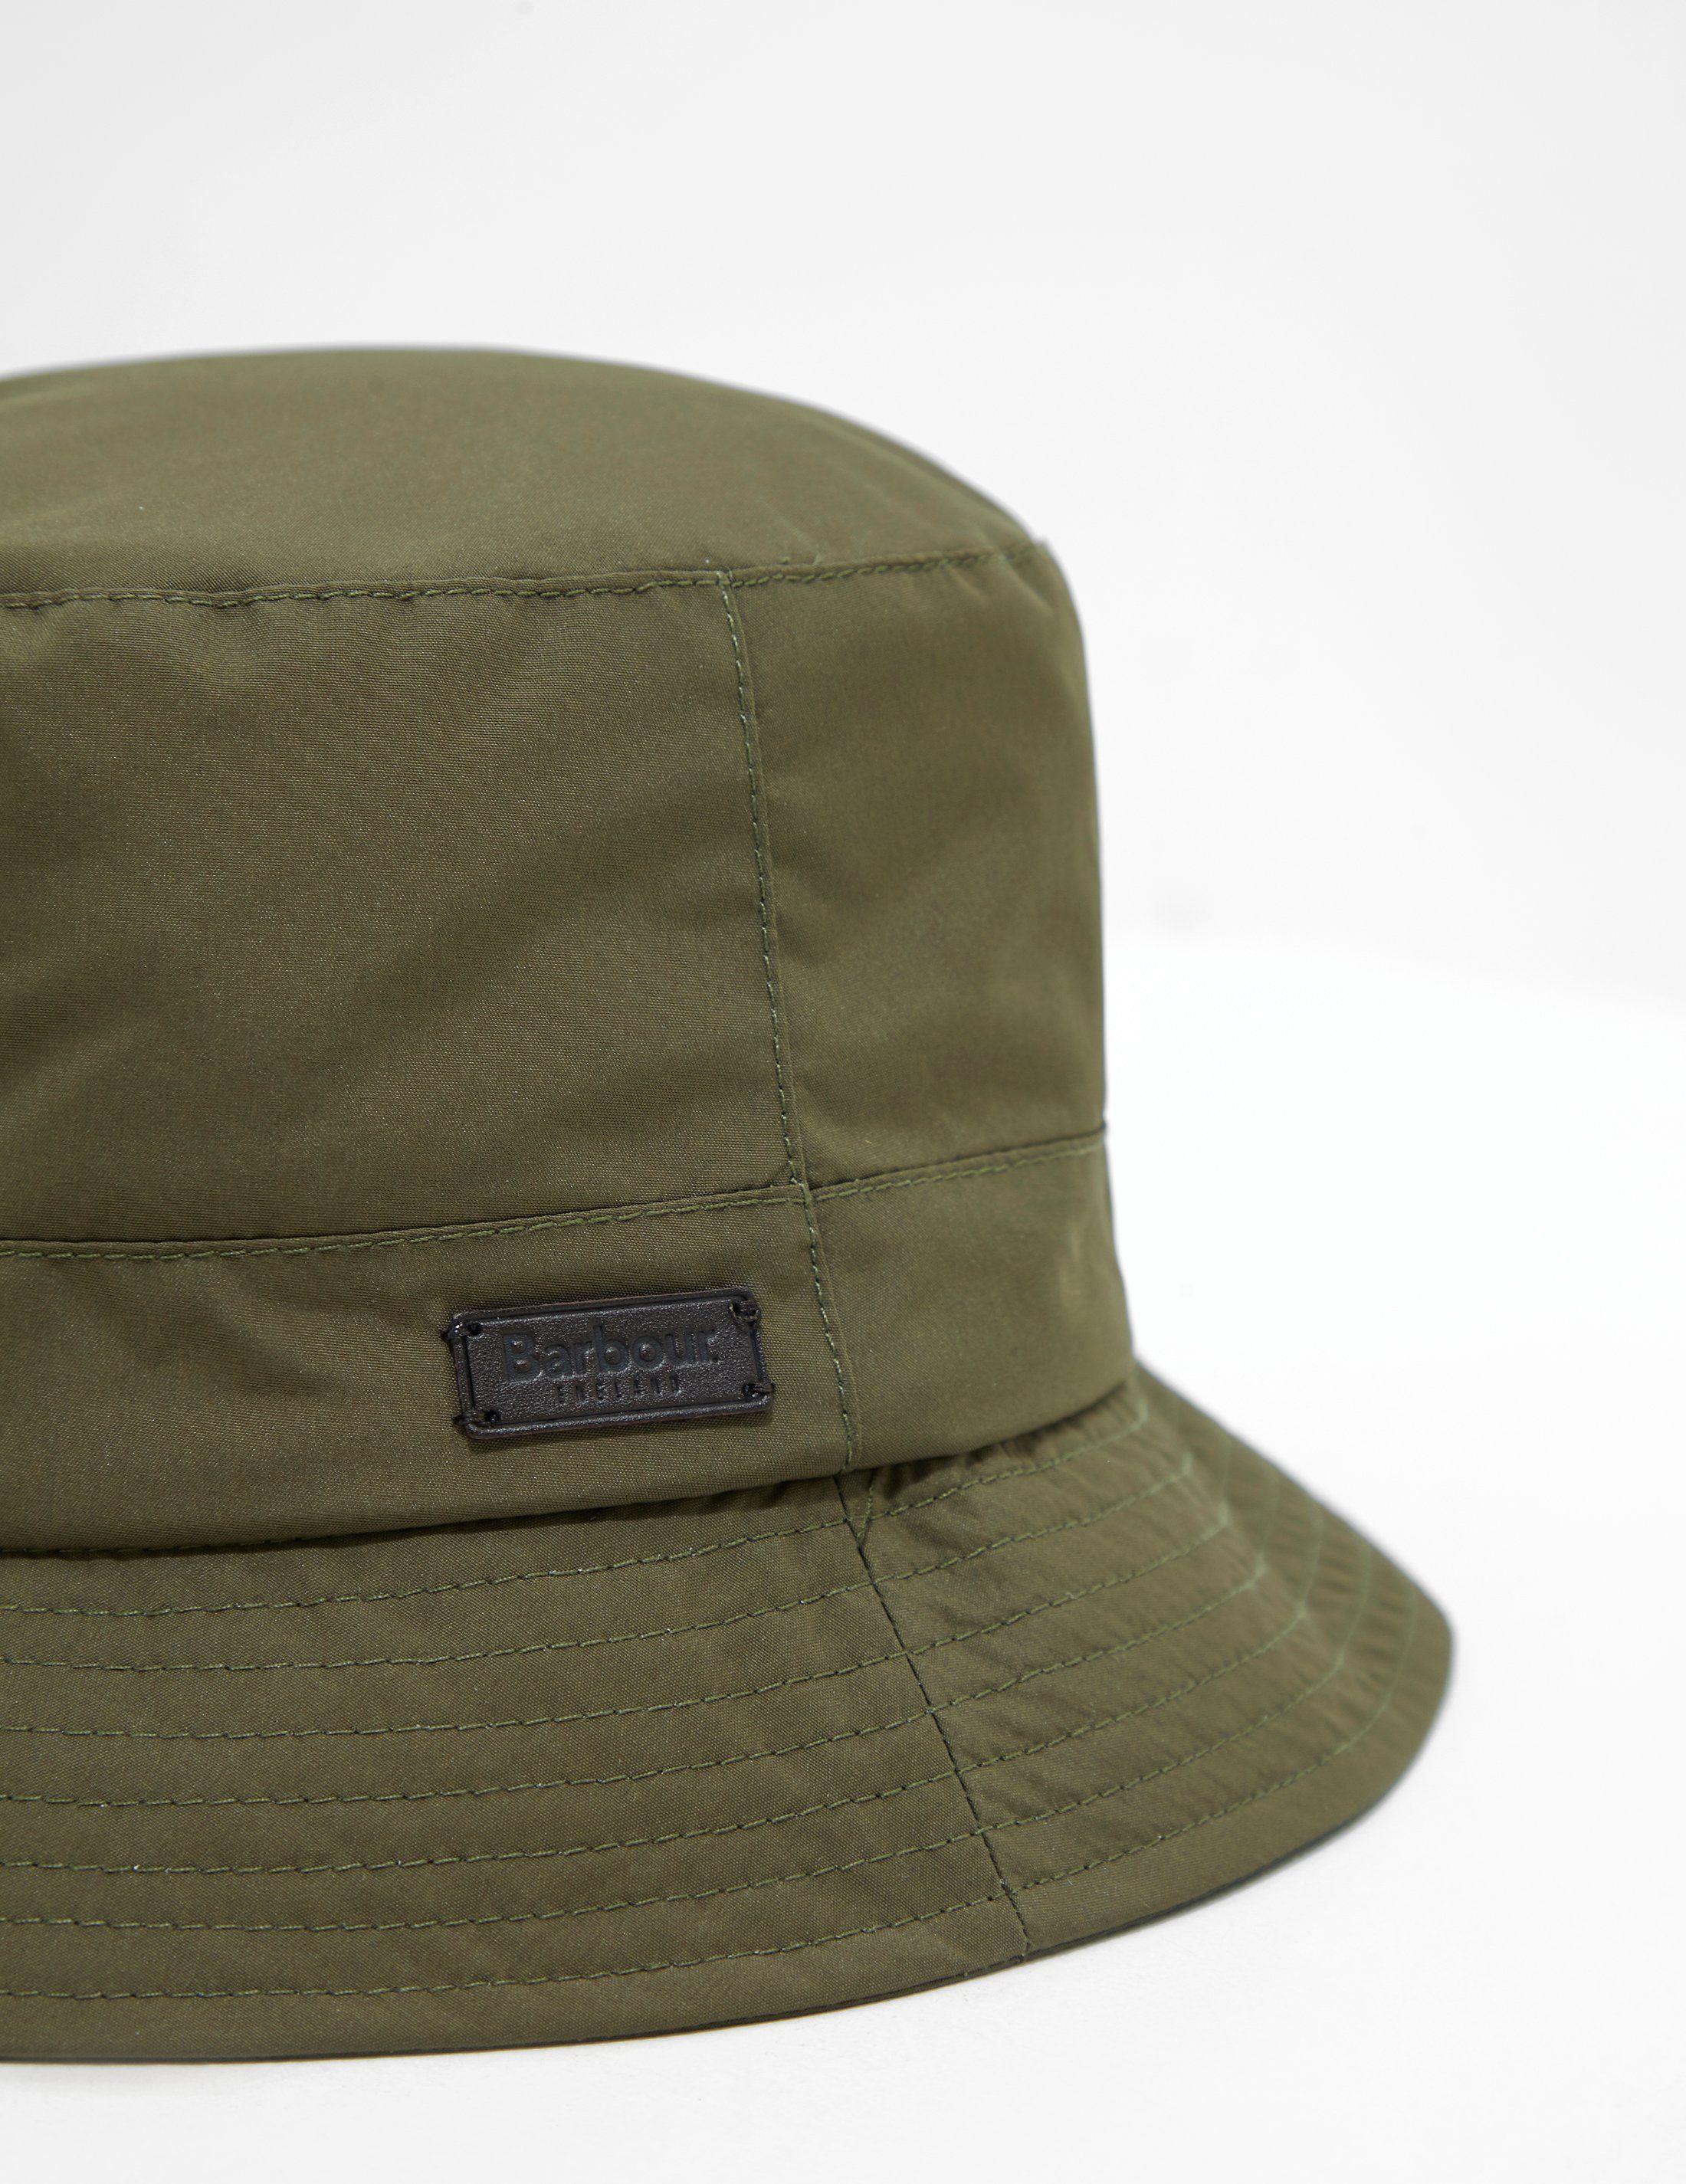 Barbour Elwood Bucket Hat